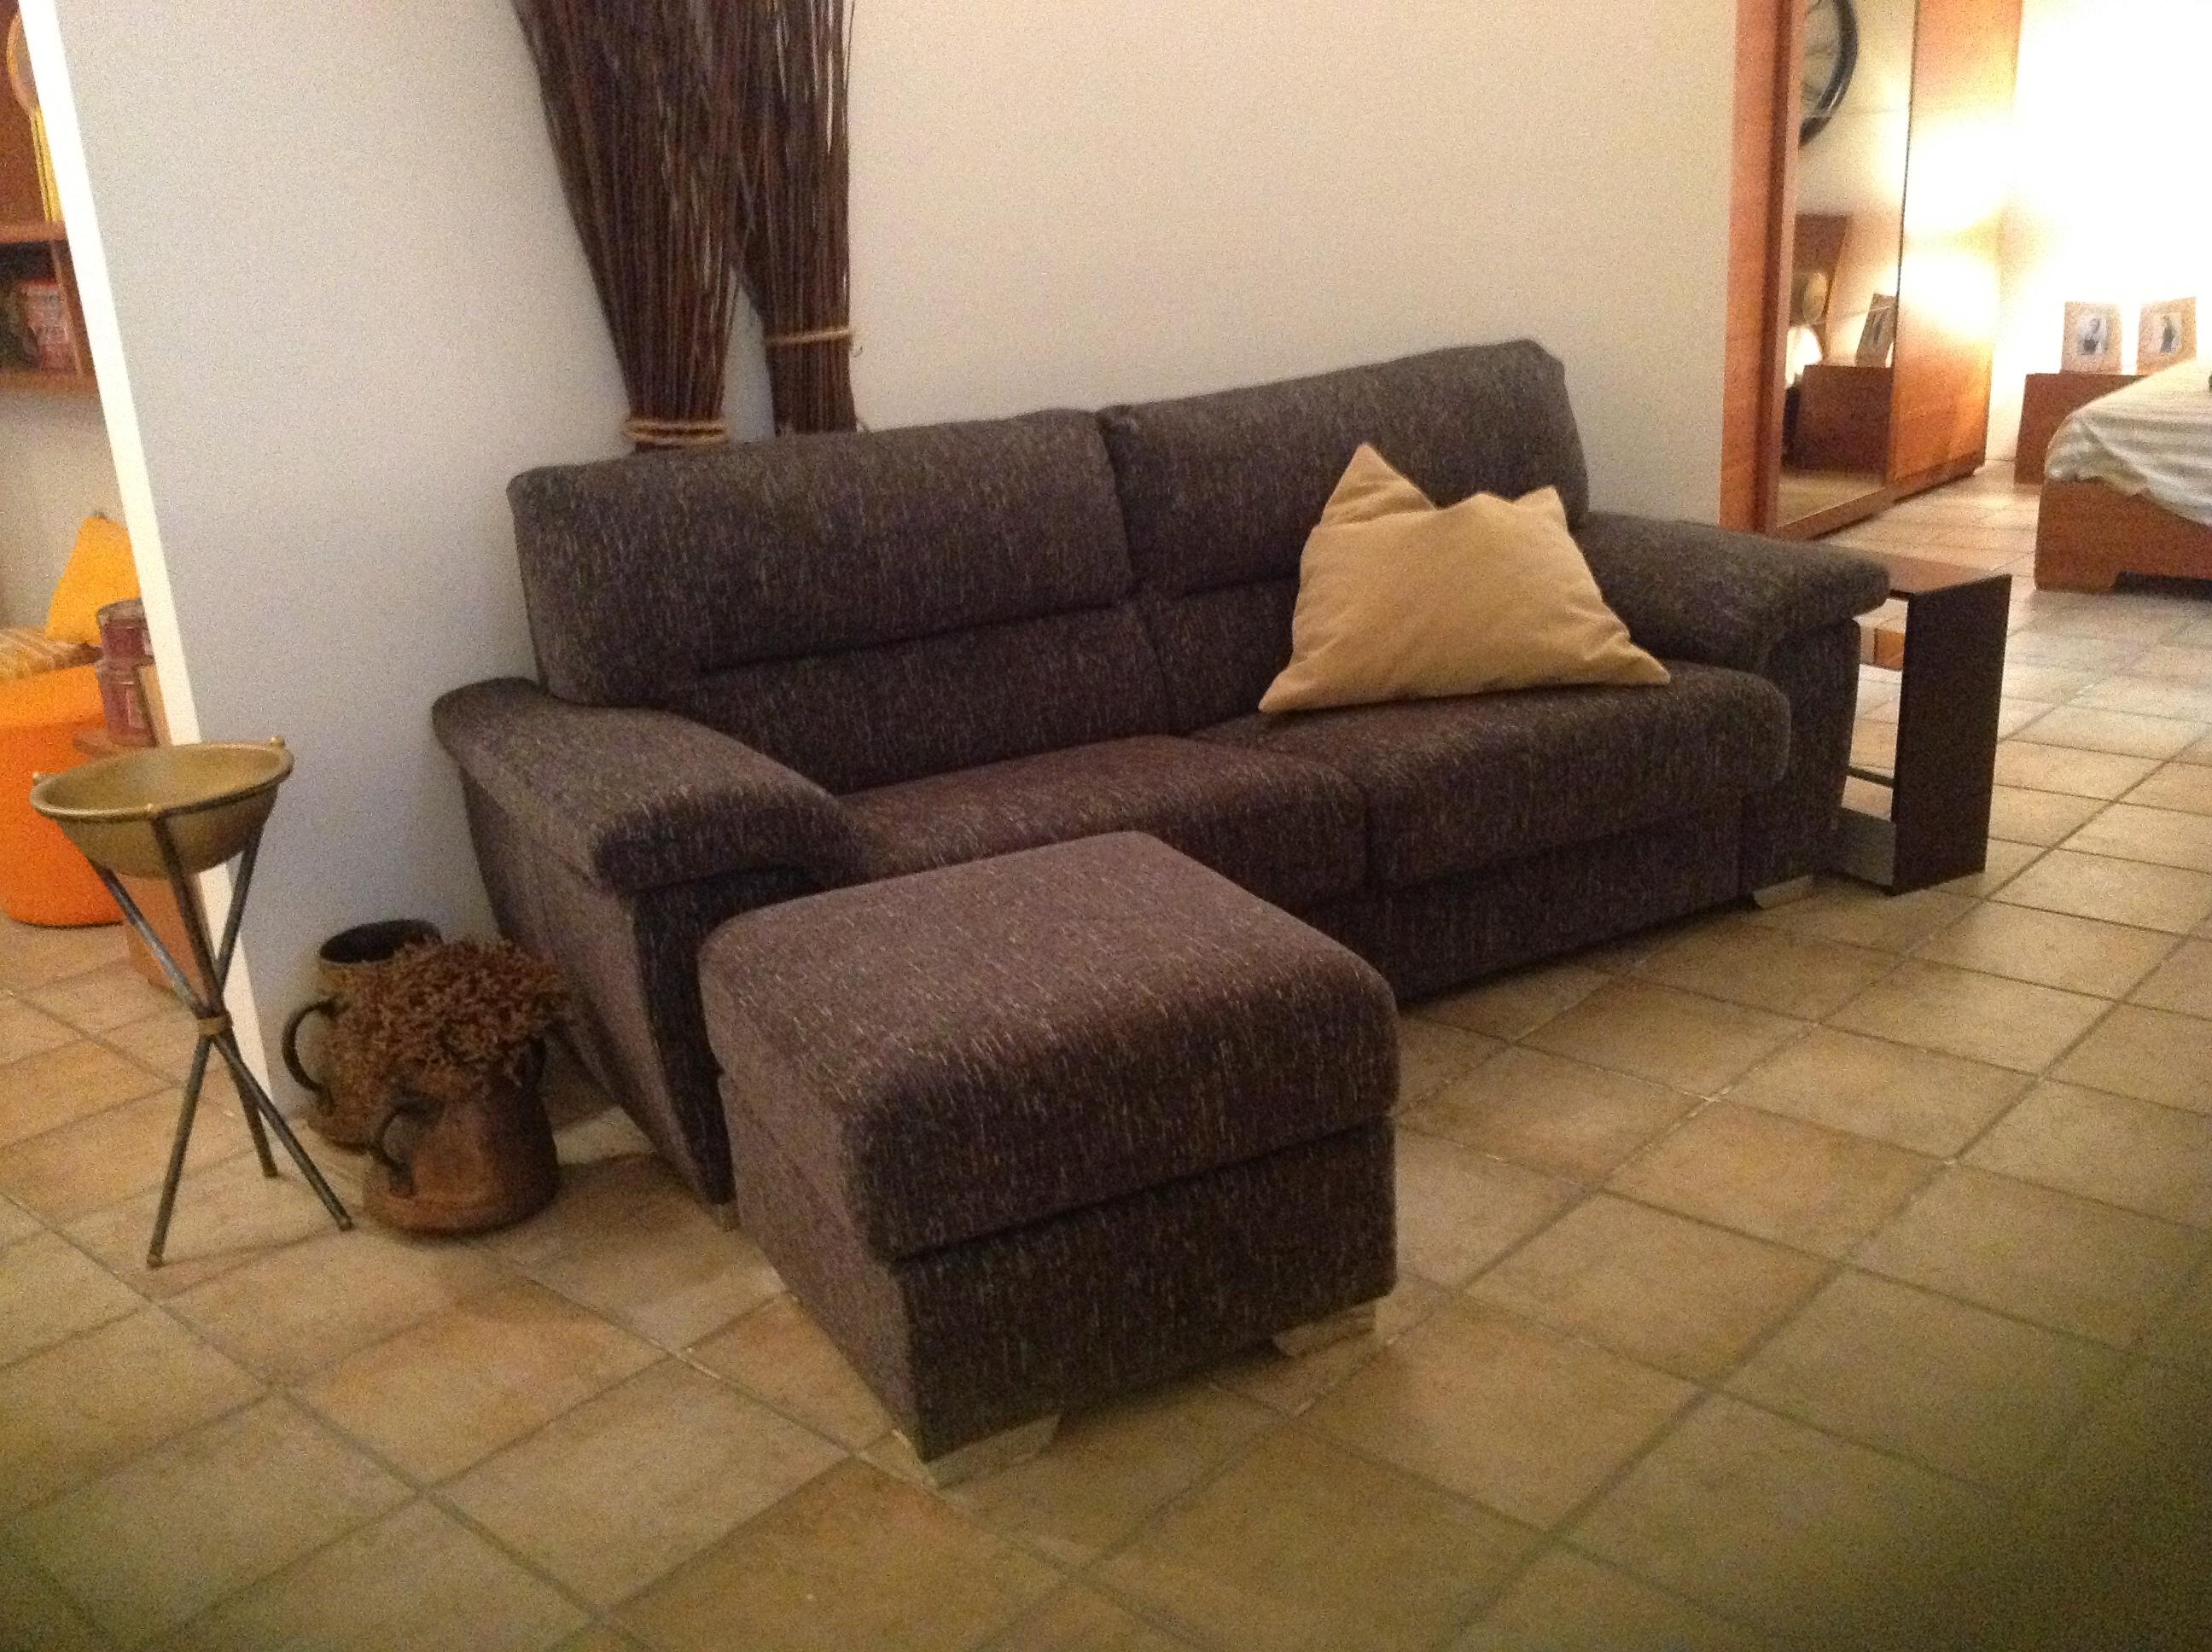 Divano donati divano tessuto divani a prezzi scontati - Divano con pouf ...